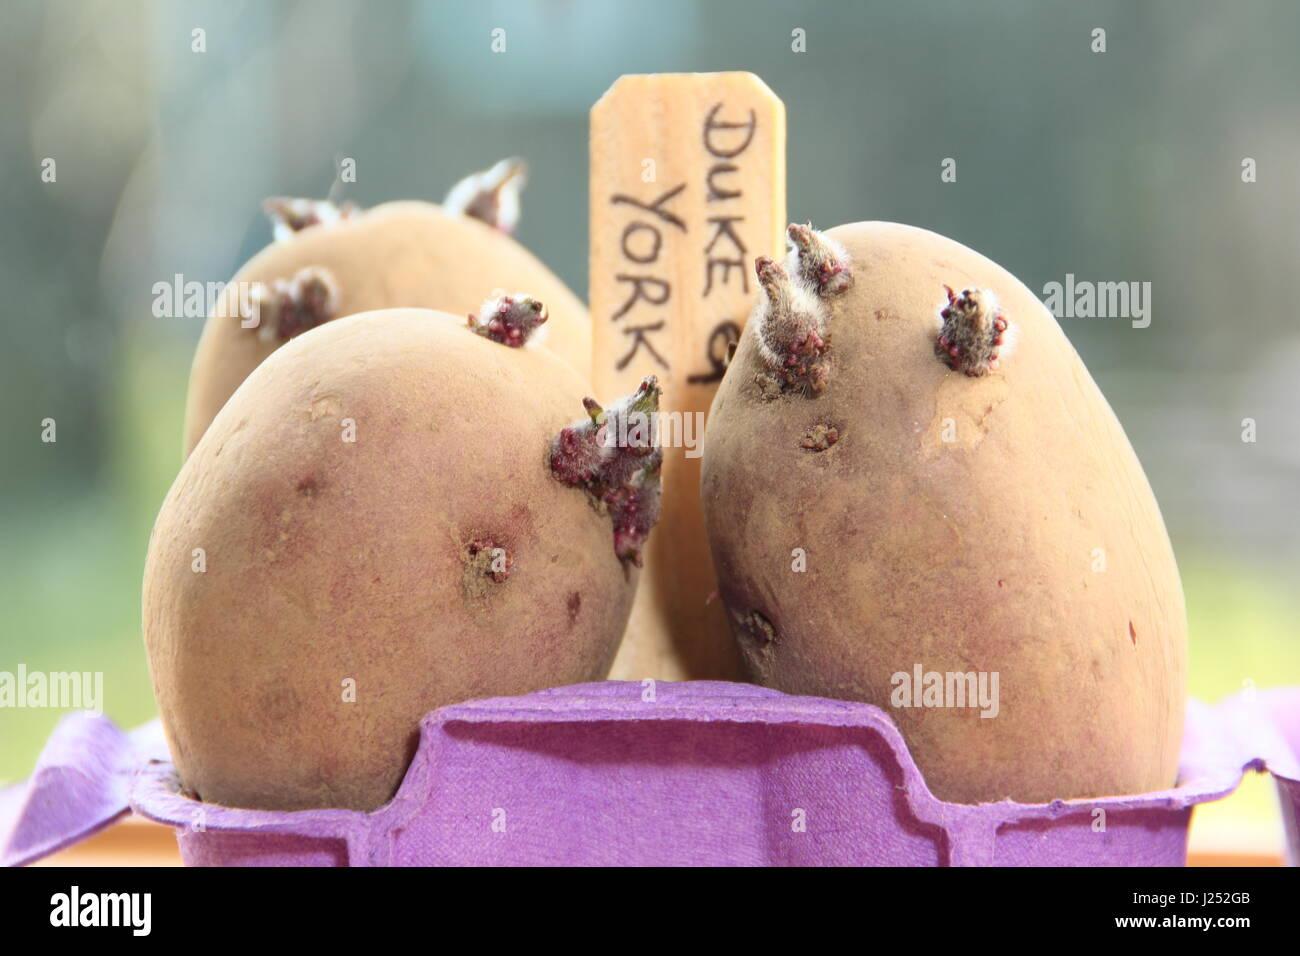 Las patatas de siembra Chitting caja de huevos en contenedores en el alféizar de la ventana soleada para promover Imagen De Stock